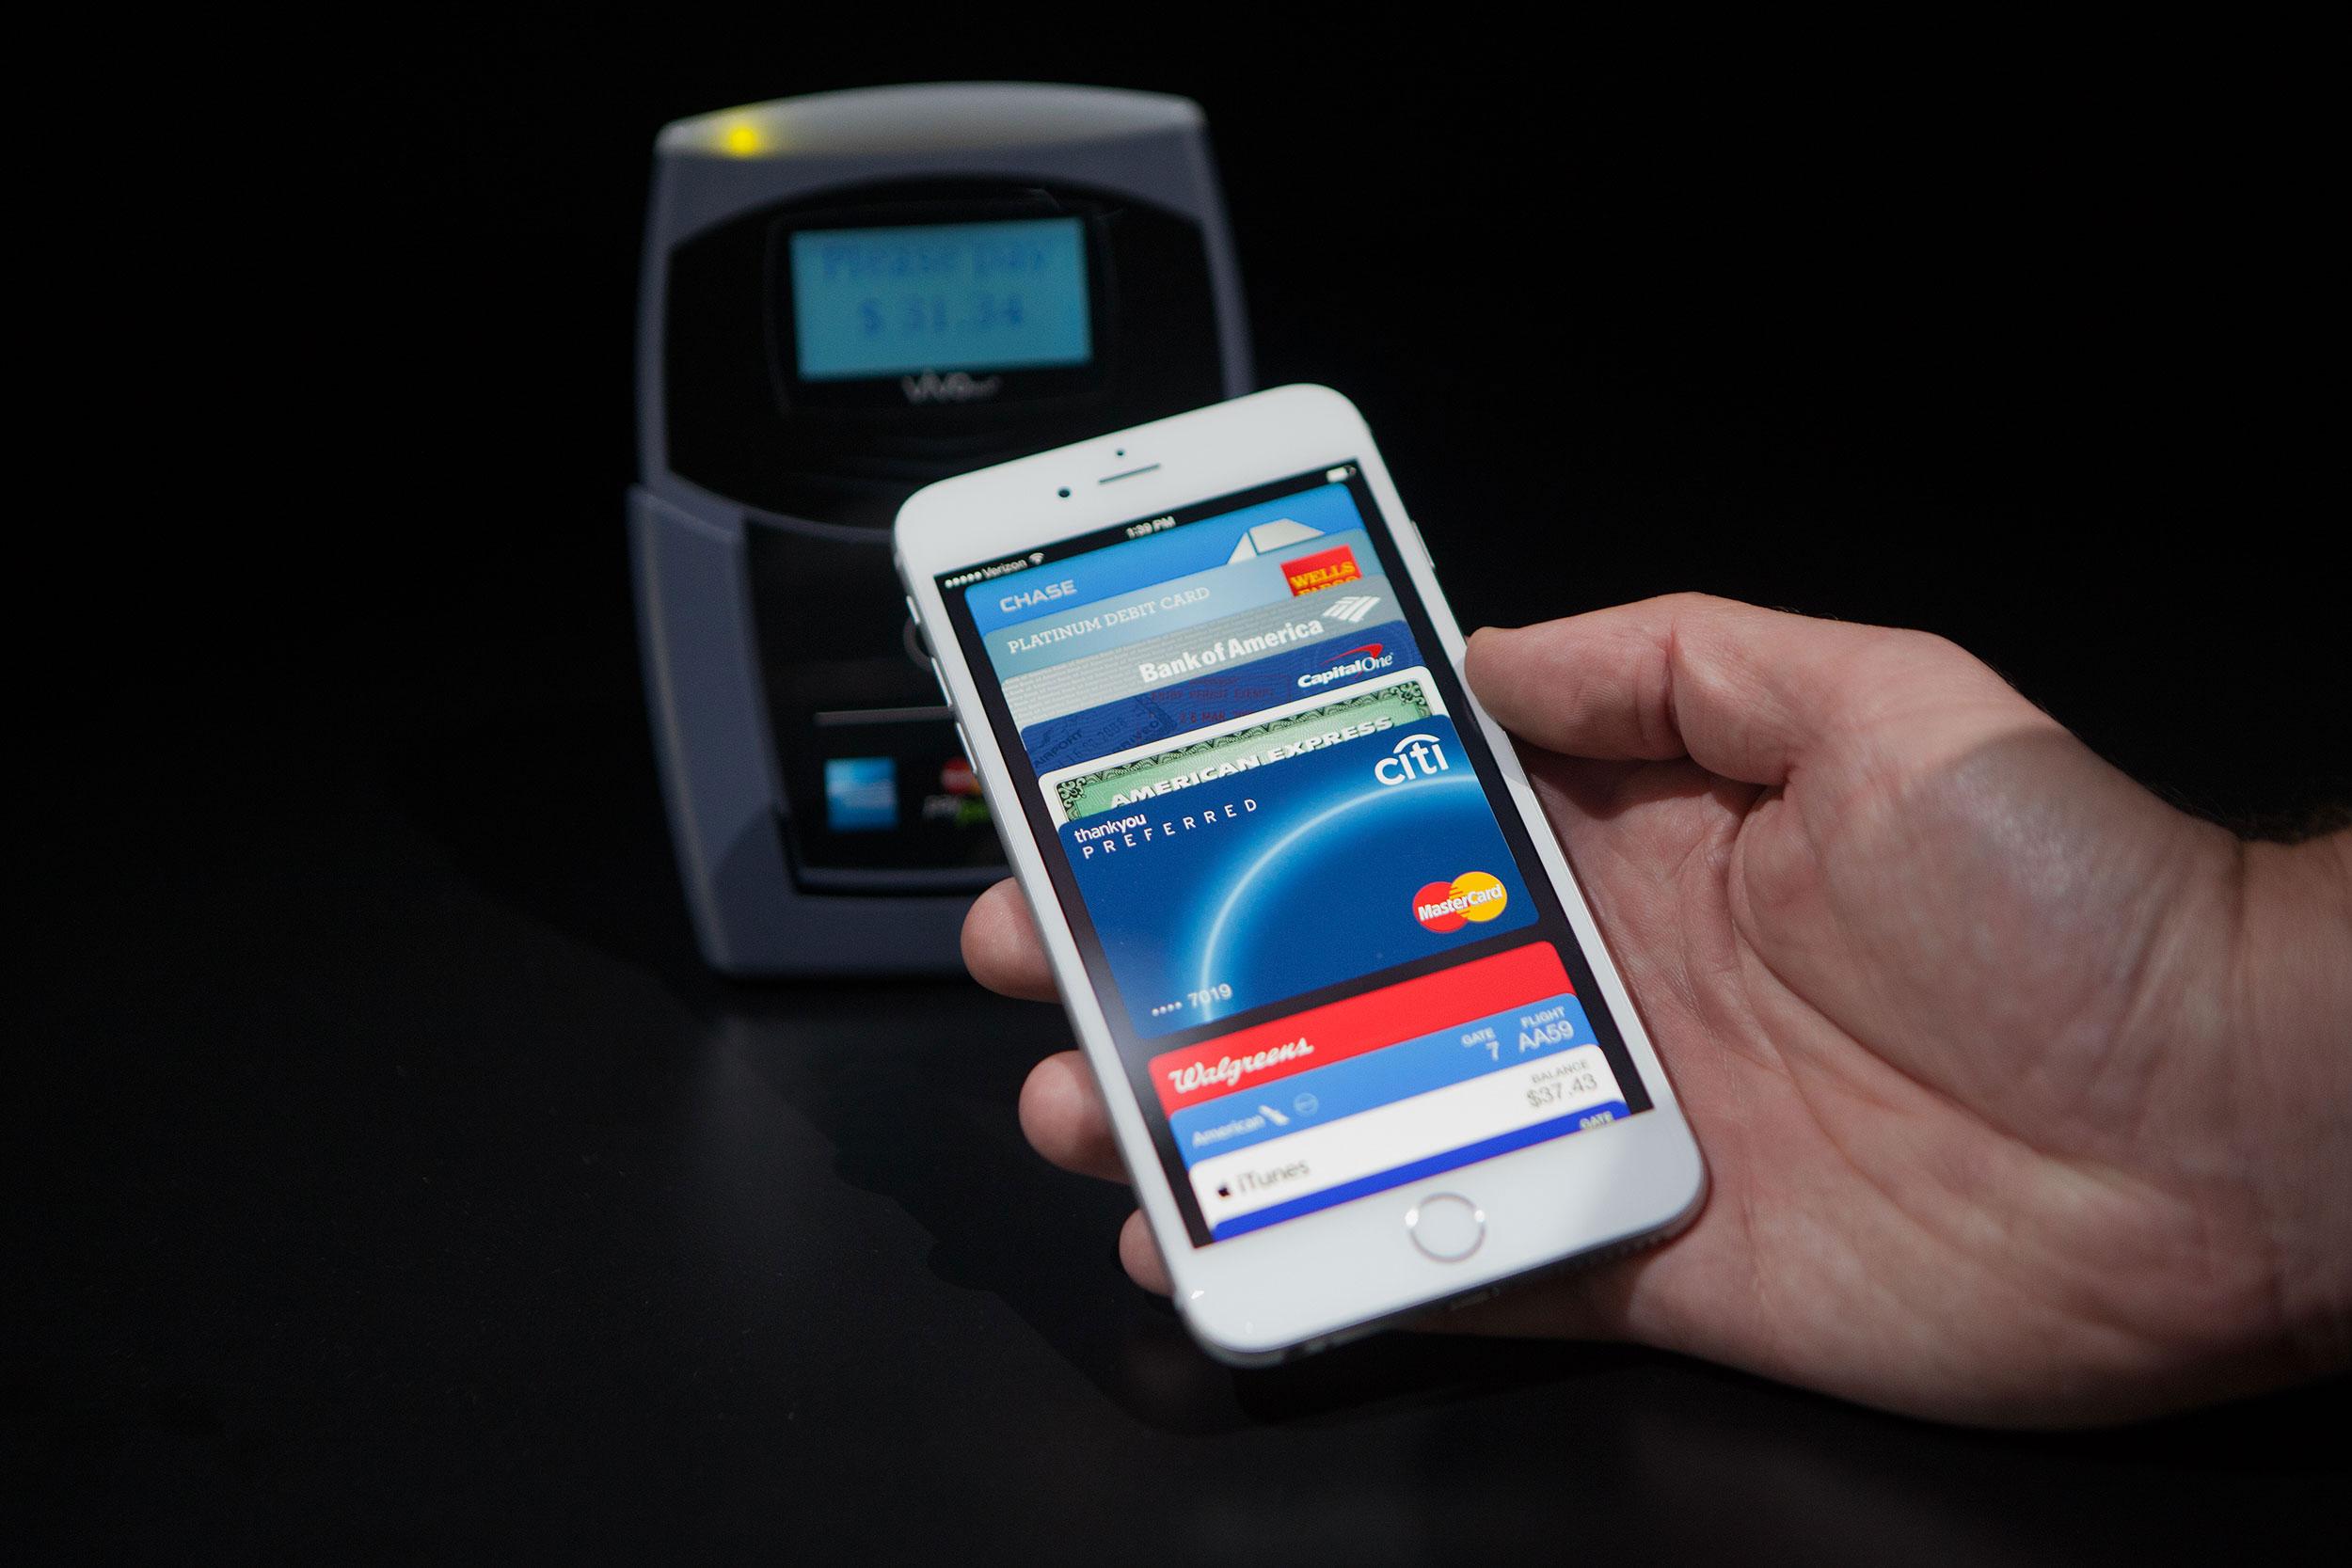 Apple Pay иVisa наладят общую систему платежей в Российской Федерации кдекабрю